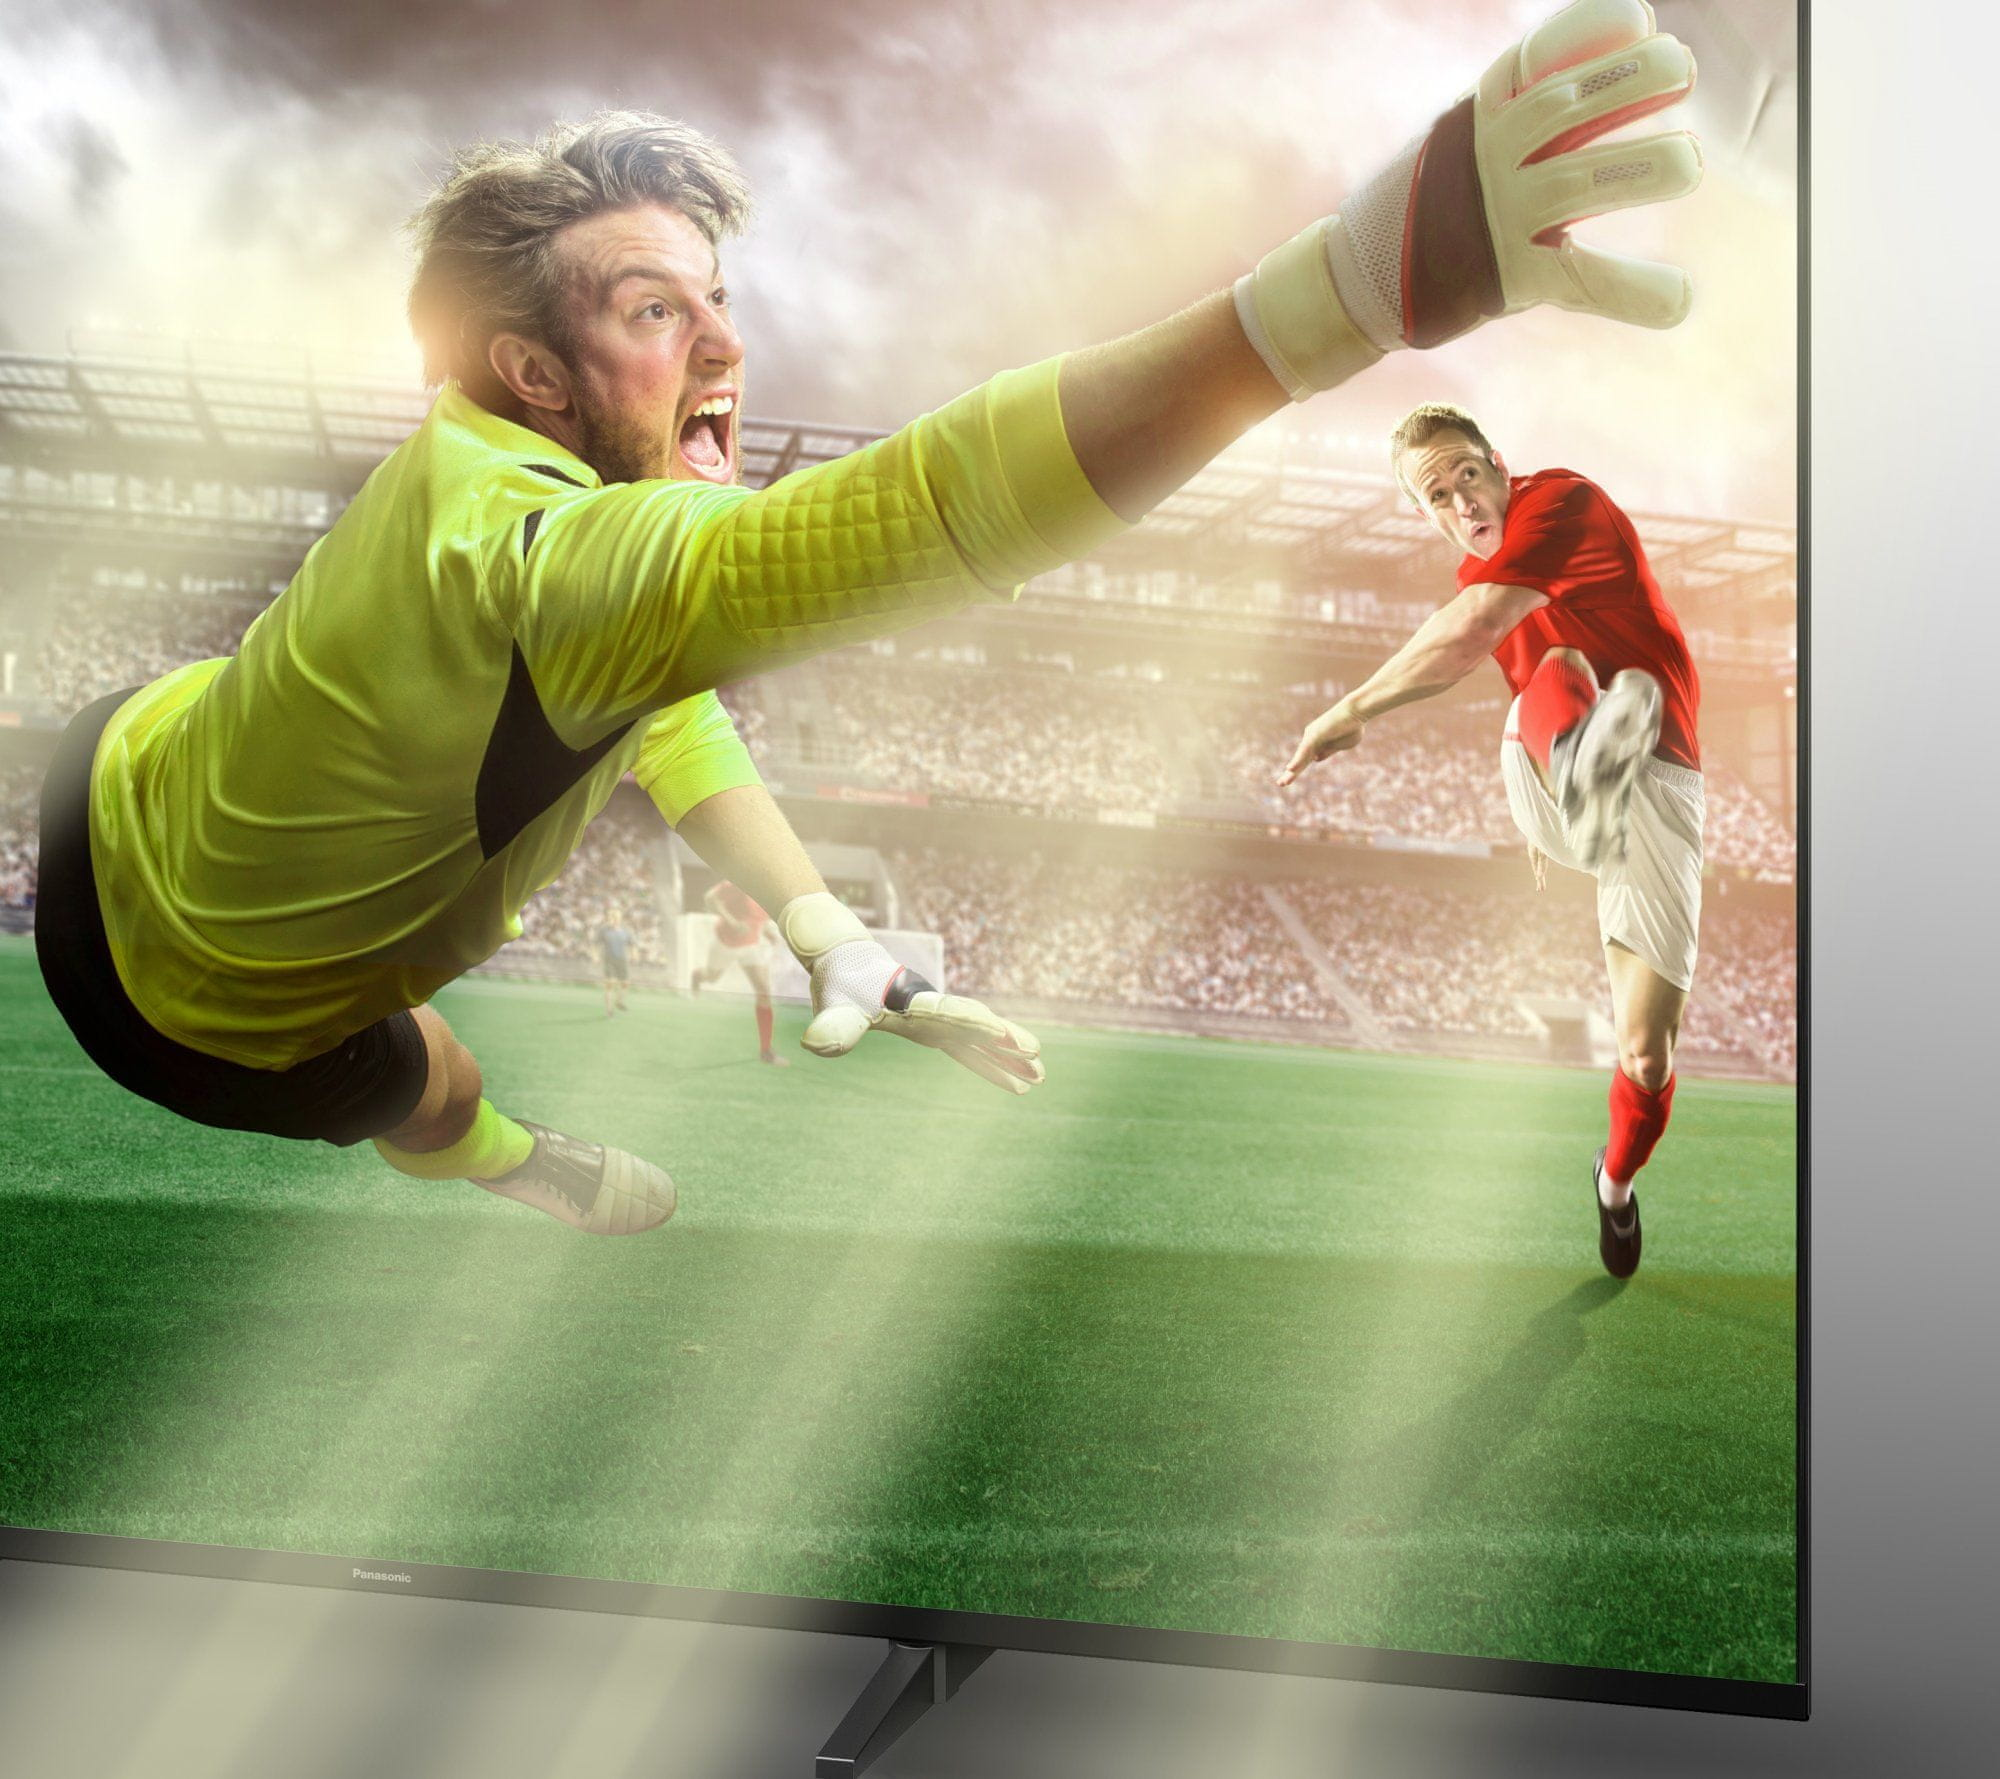 PANASONIC LED TV 4K